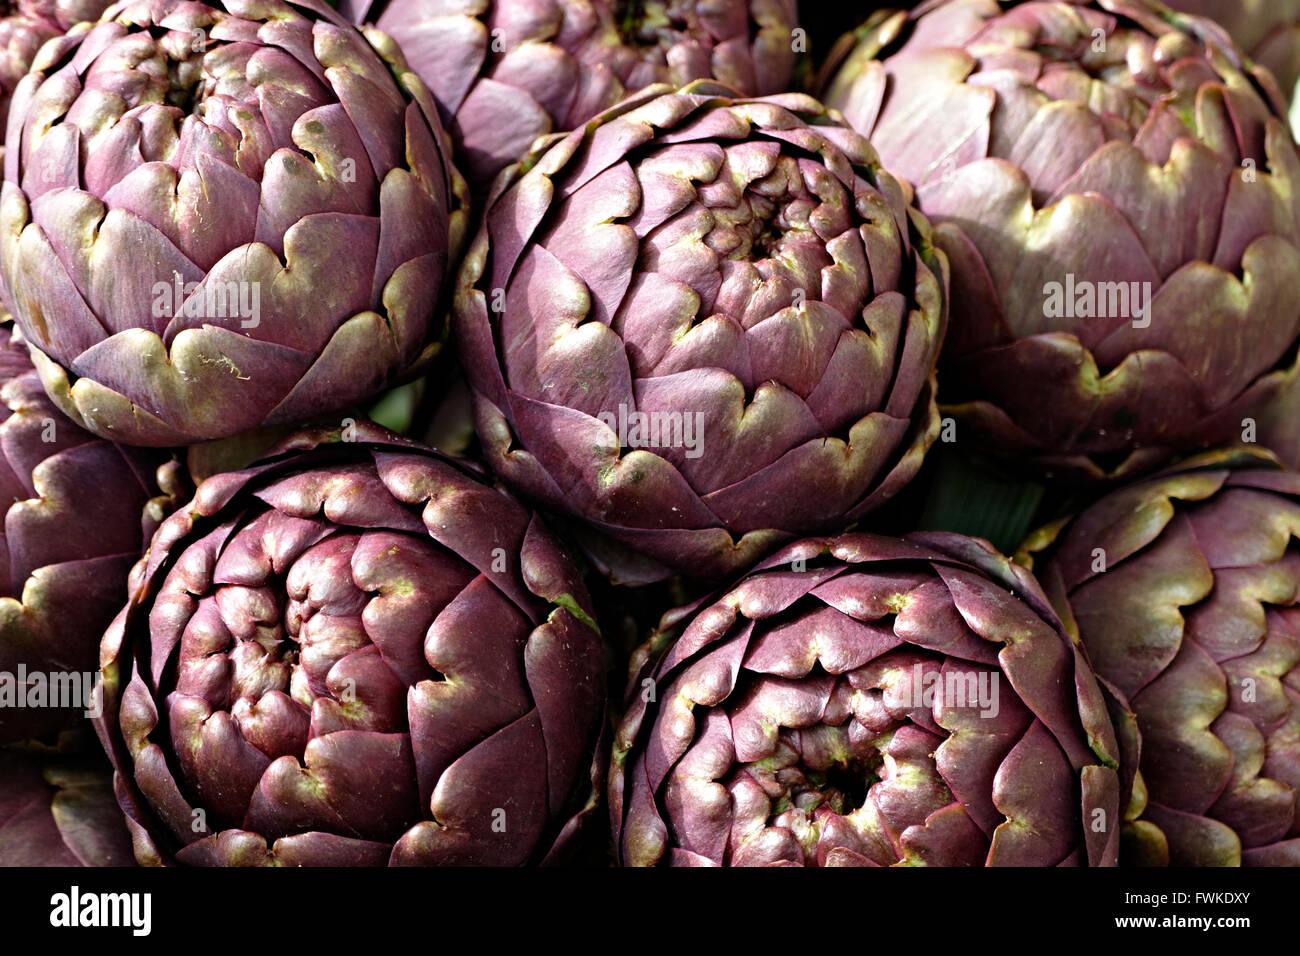 Artichoke (Cynara cardunculus, Syn. Cynara scolymus) - Stock Image